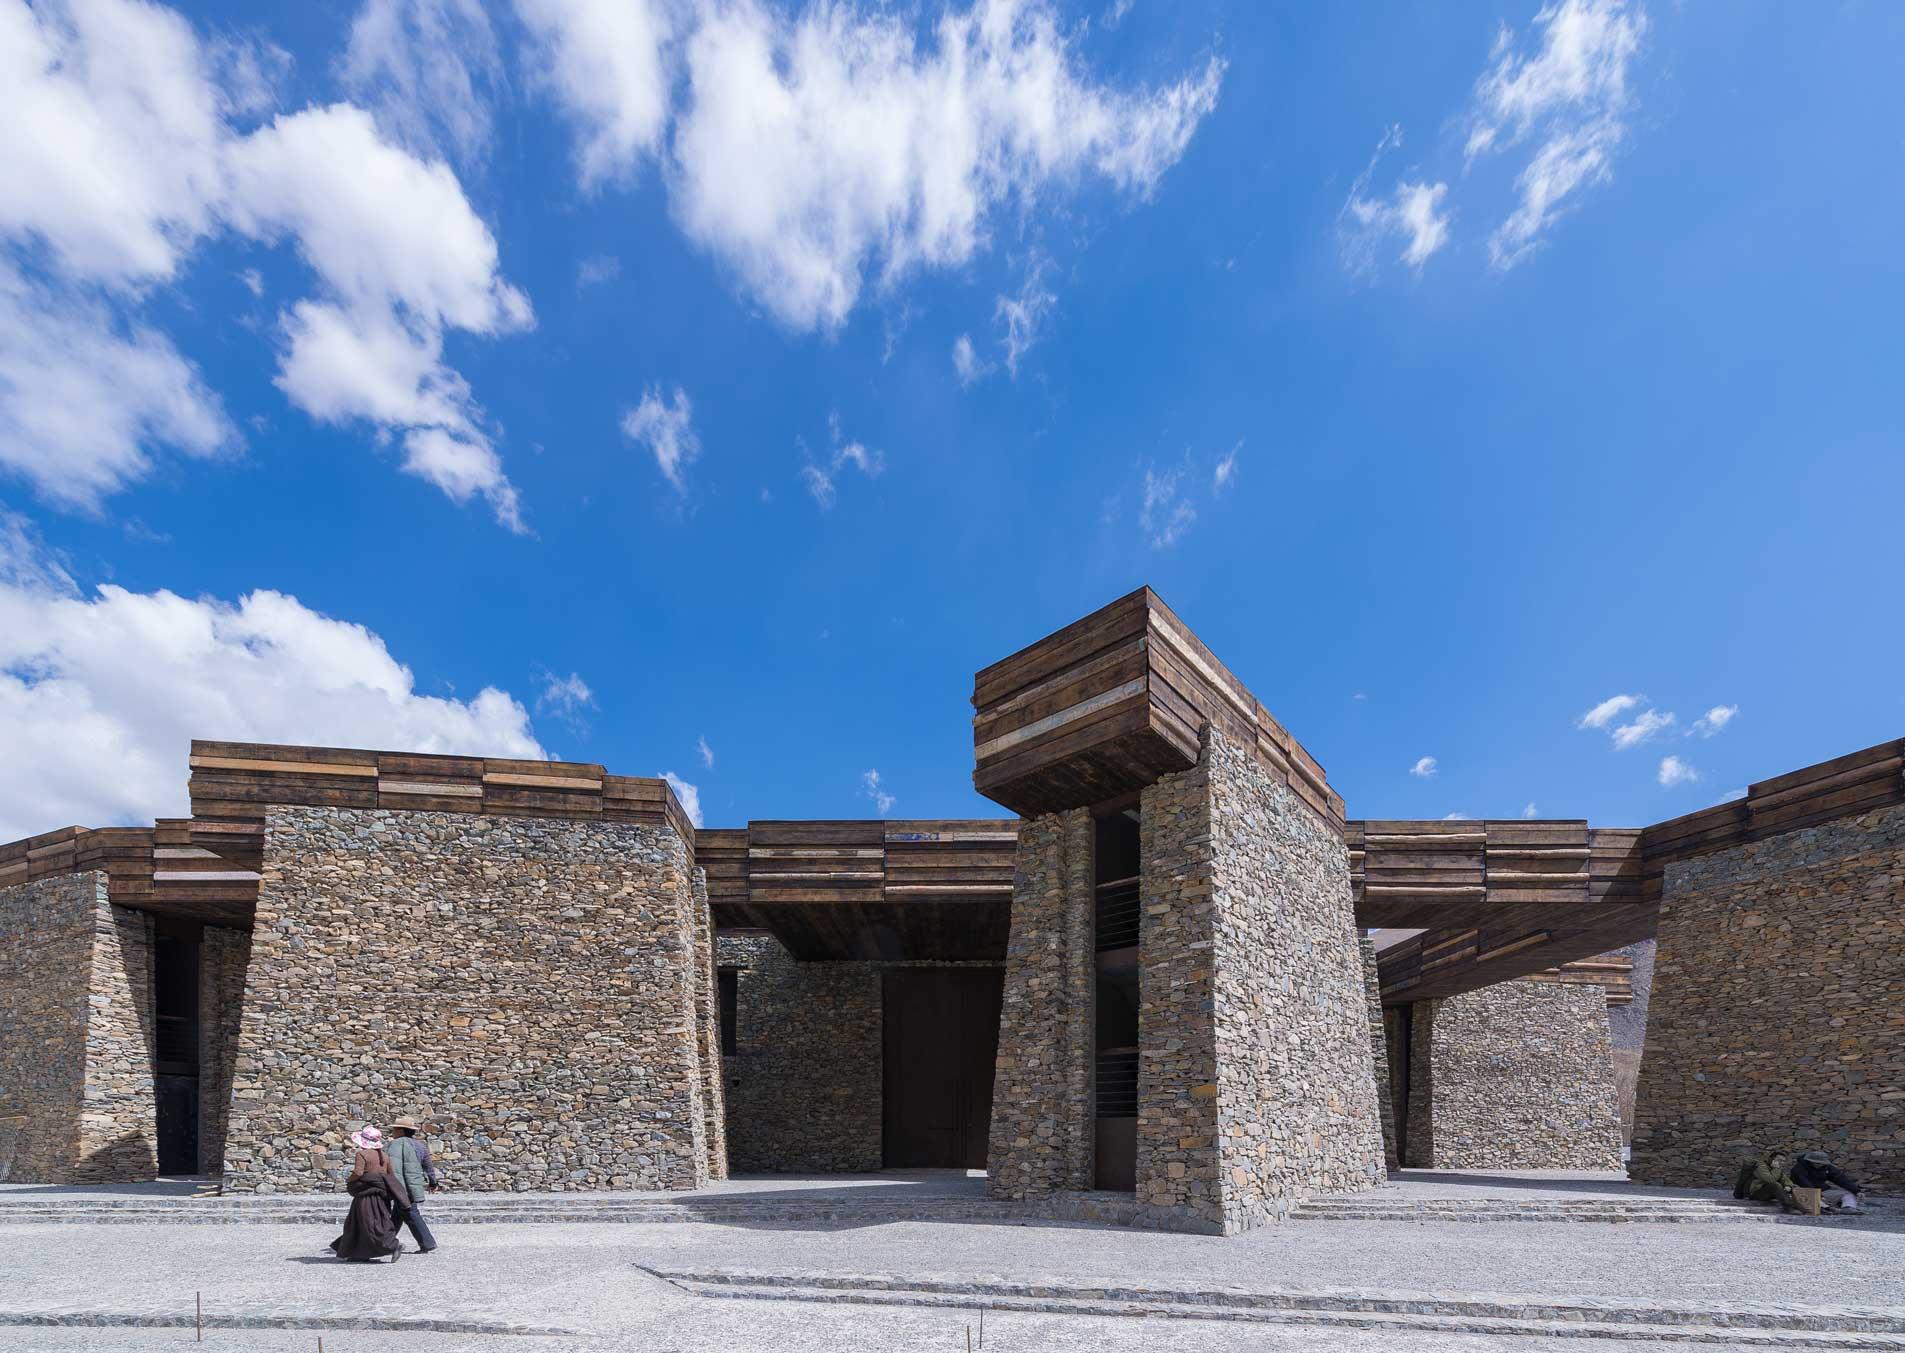 Jianamani Visitor Center é um importante local para os tibetanos, tanto turistas quanto residentes, e foi todo construído com pedras Mani.